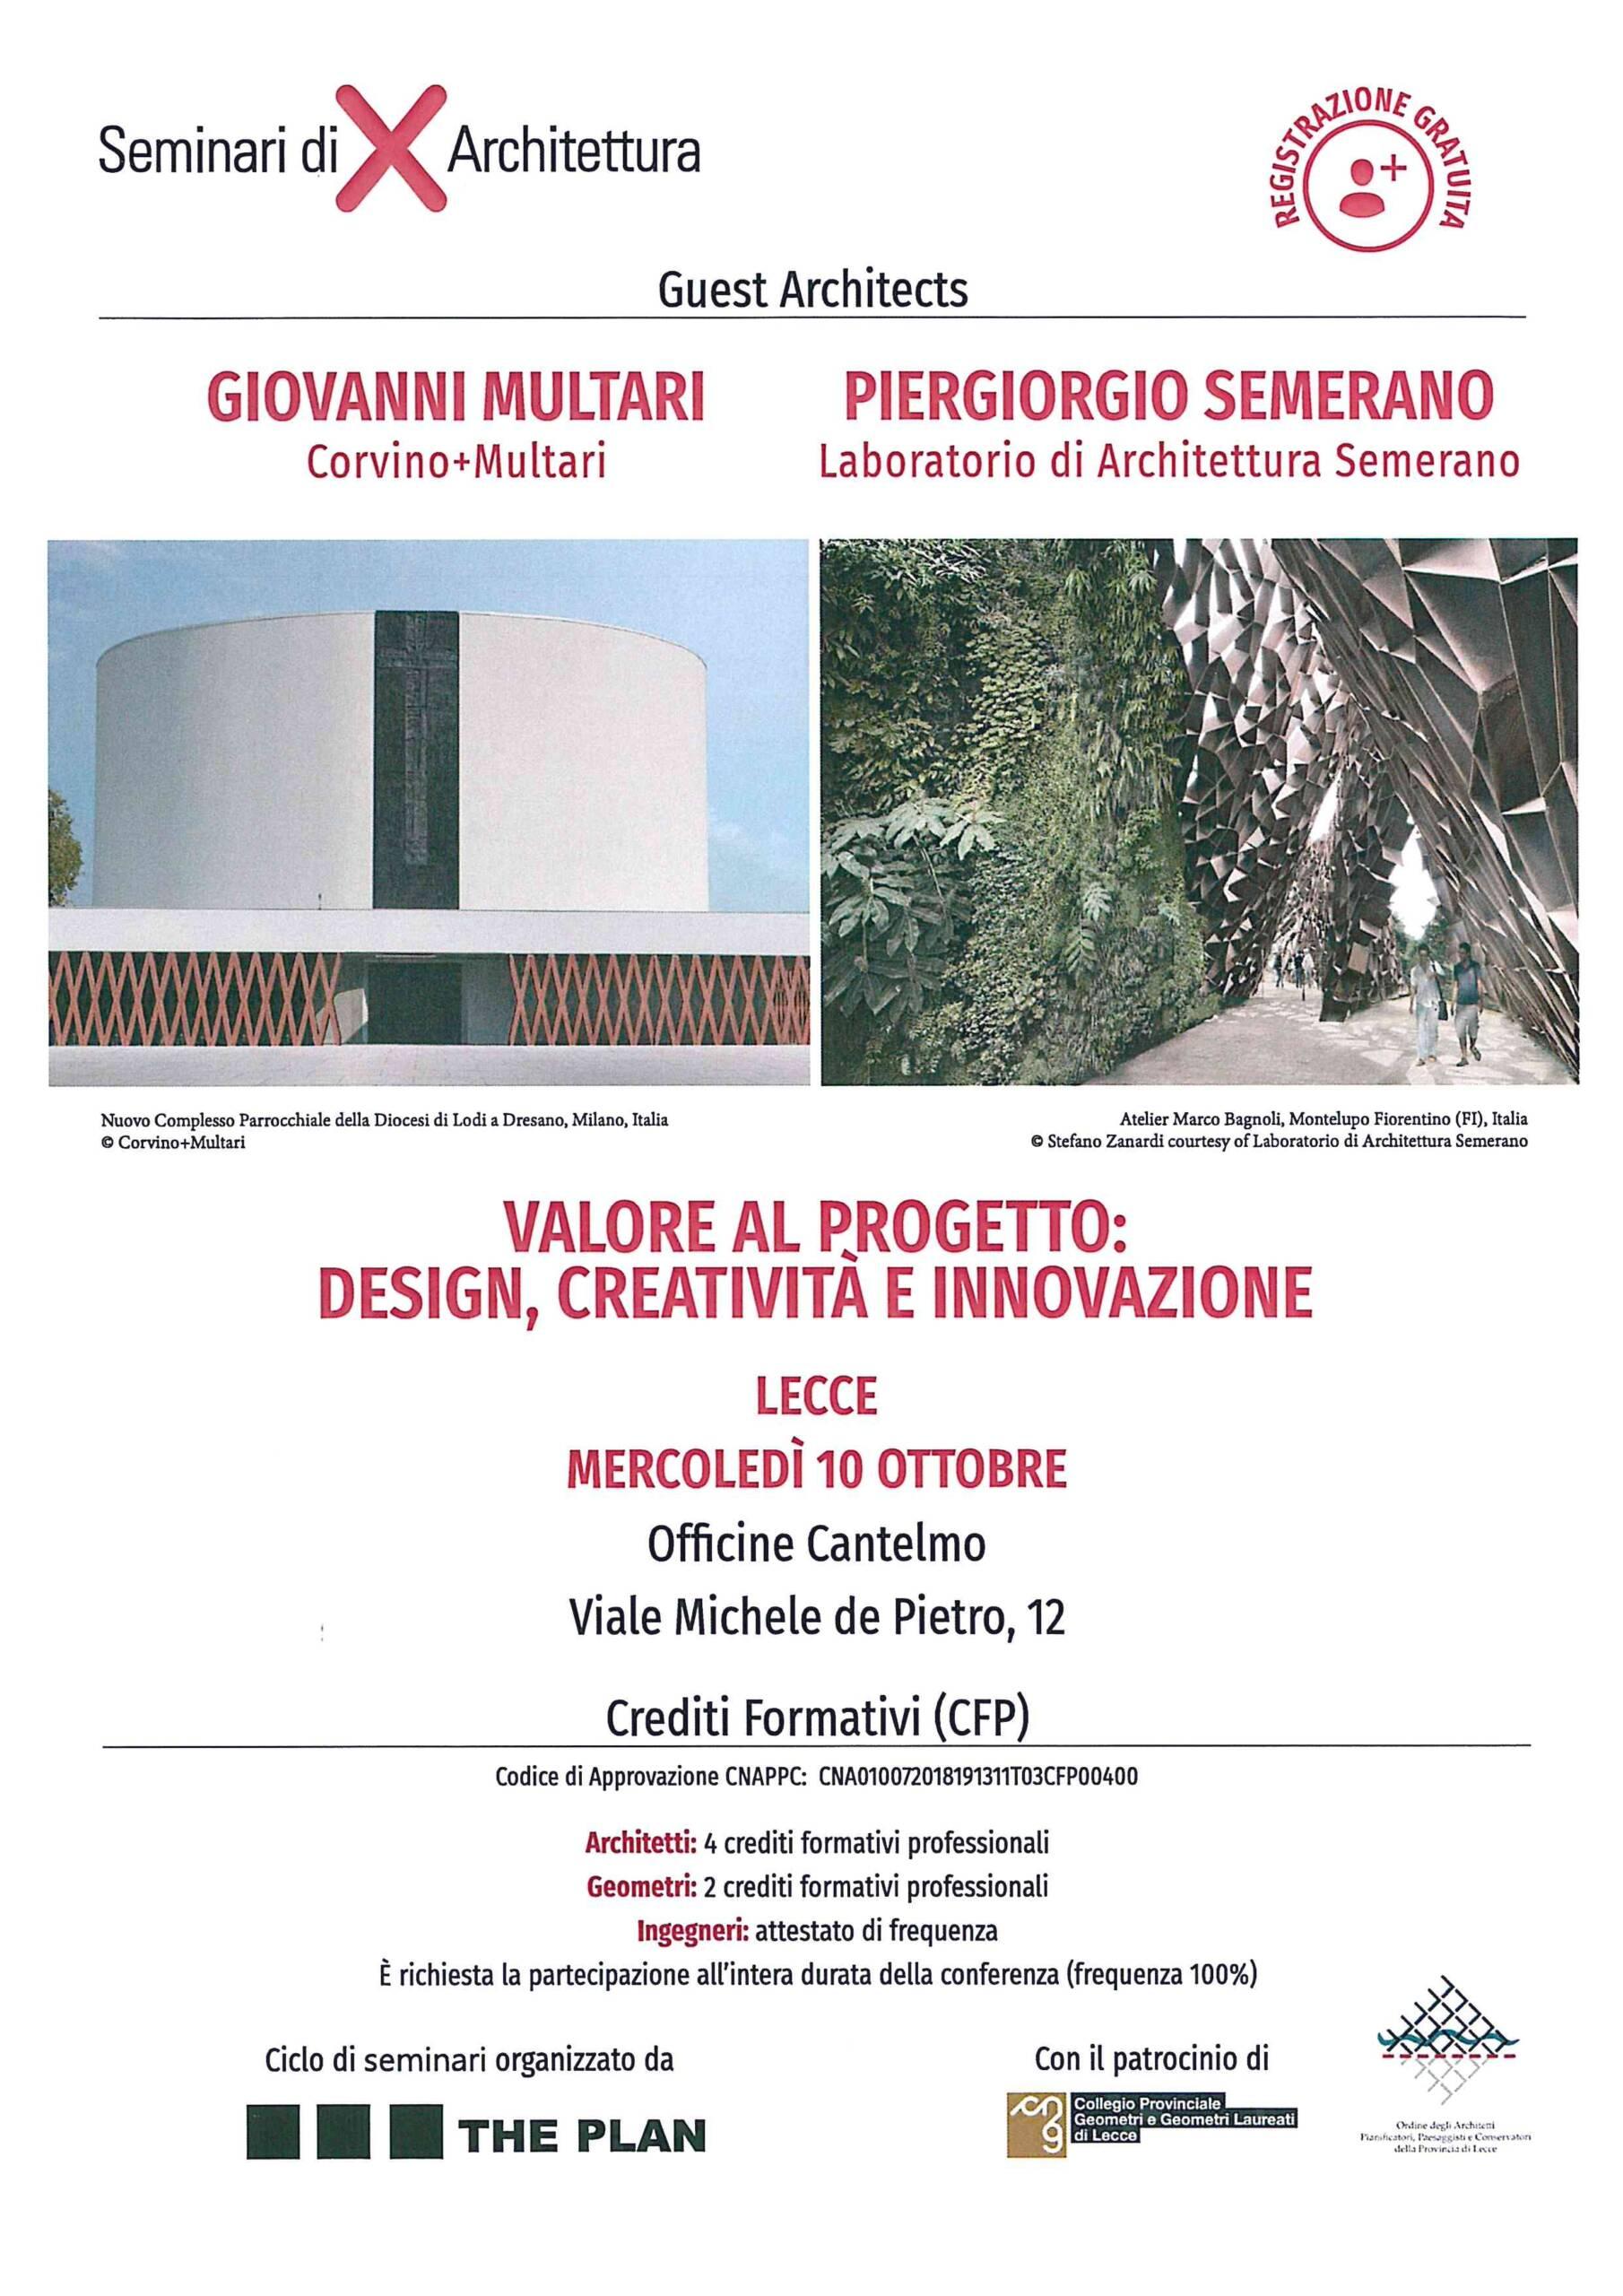 """The Plan – Seminario di Architettura """"Valore al progetto: design, creatività e innovazione"""" – Lecce 10/10/2018"""